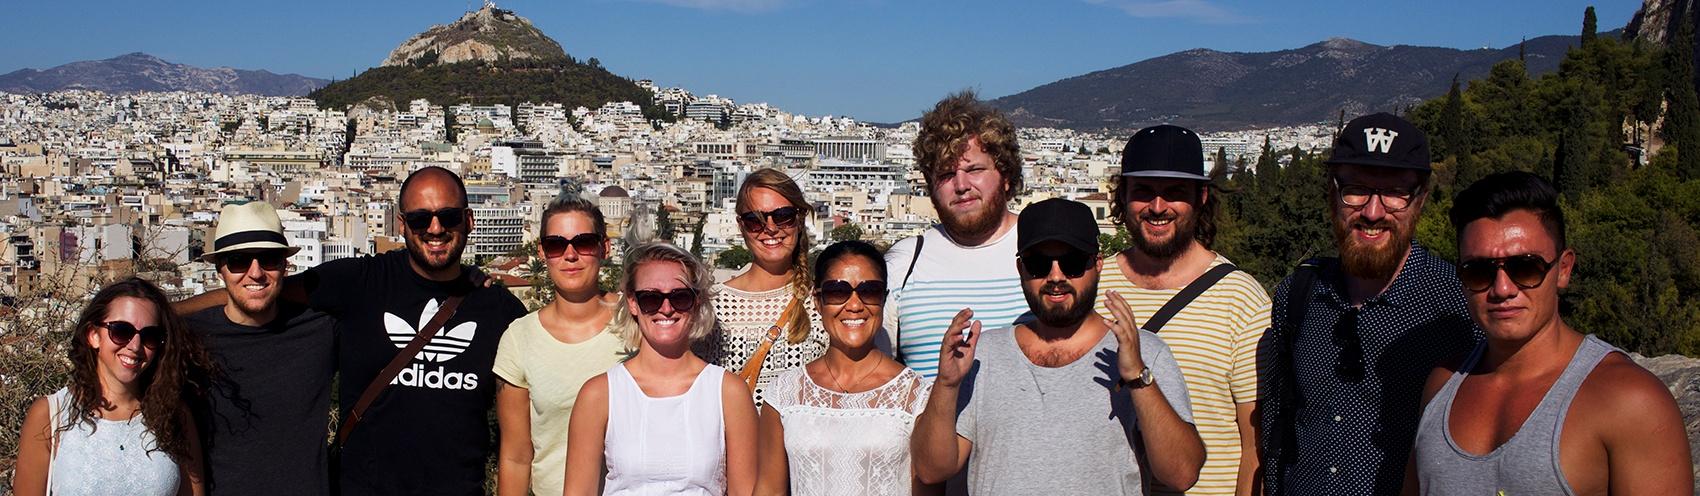 Teamet i Grekland 🇬🇷